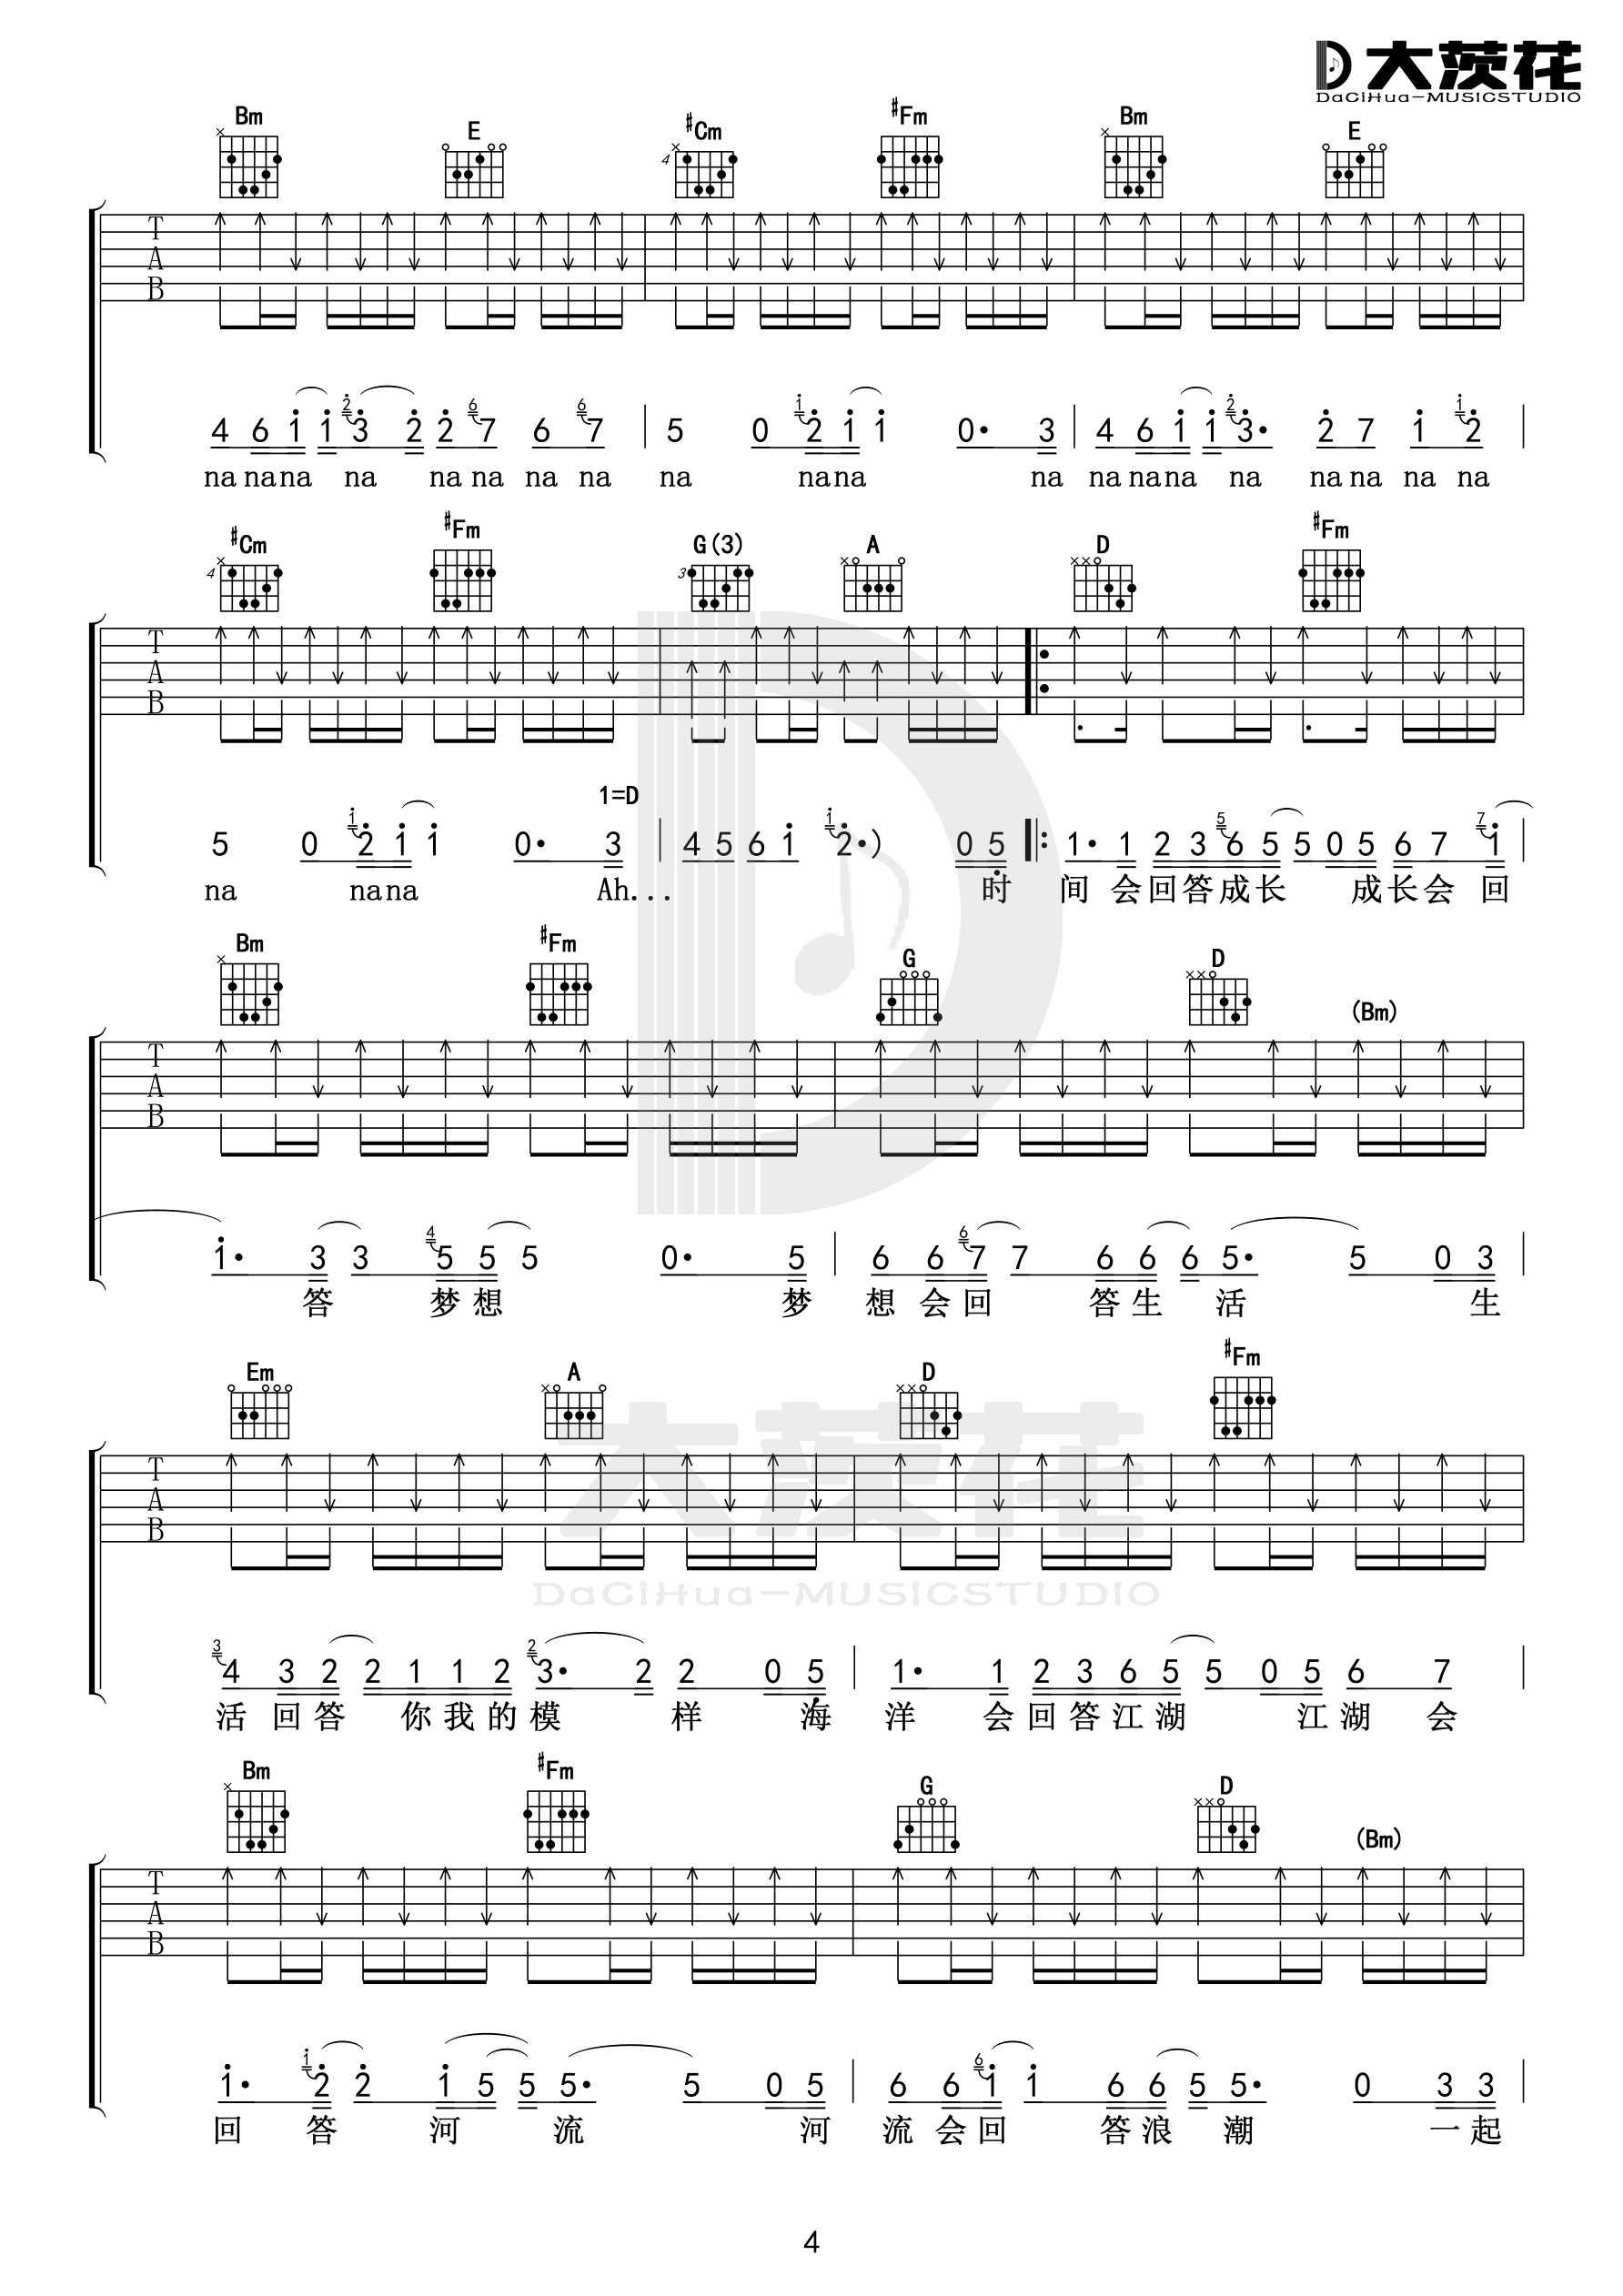 入海 (小宁制谱)吉他谱(图片谱,弹唱)_毛不易(王维家)_DCH 入海吉他谱04.jpg